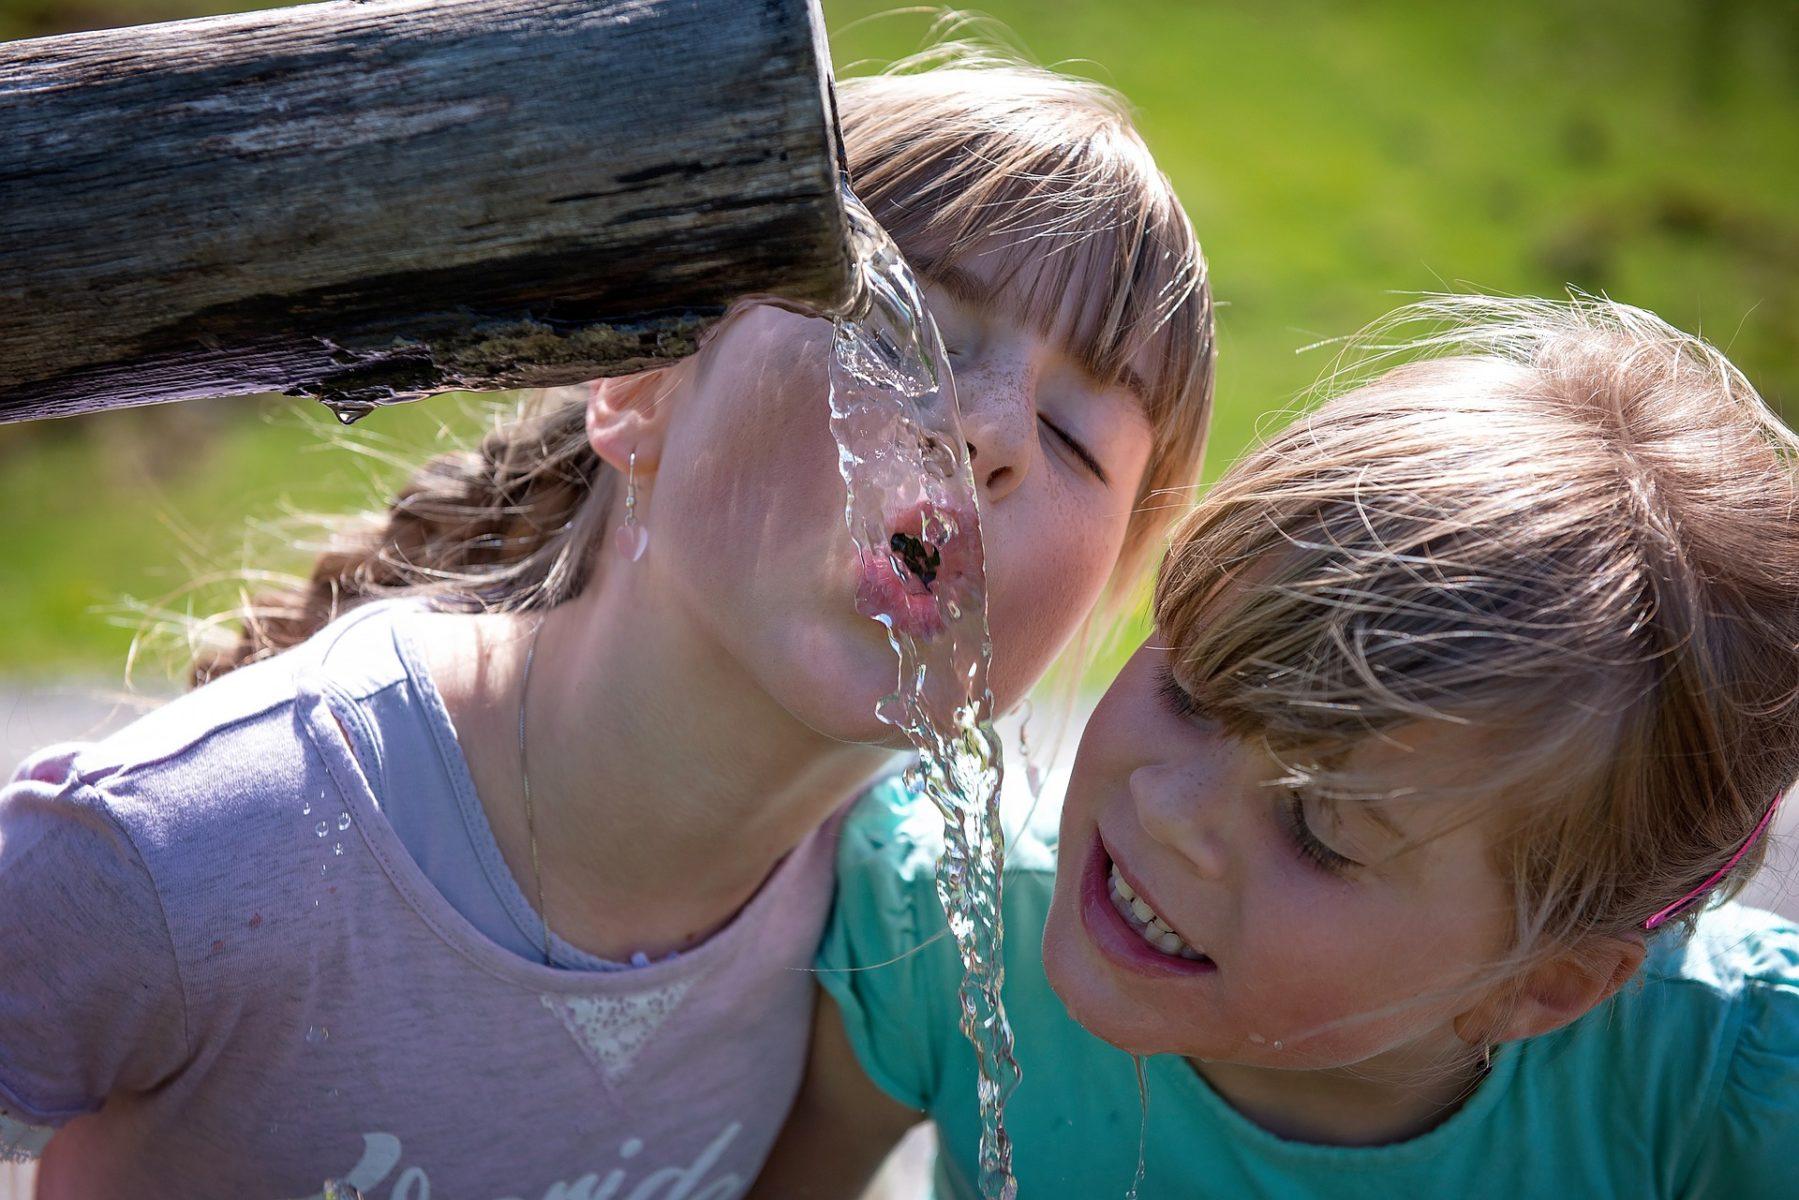 Le bonheur de se désaltérer à la fontaine !